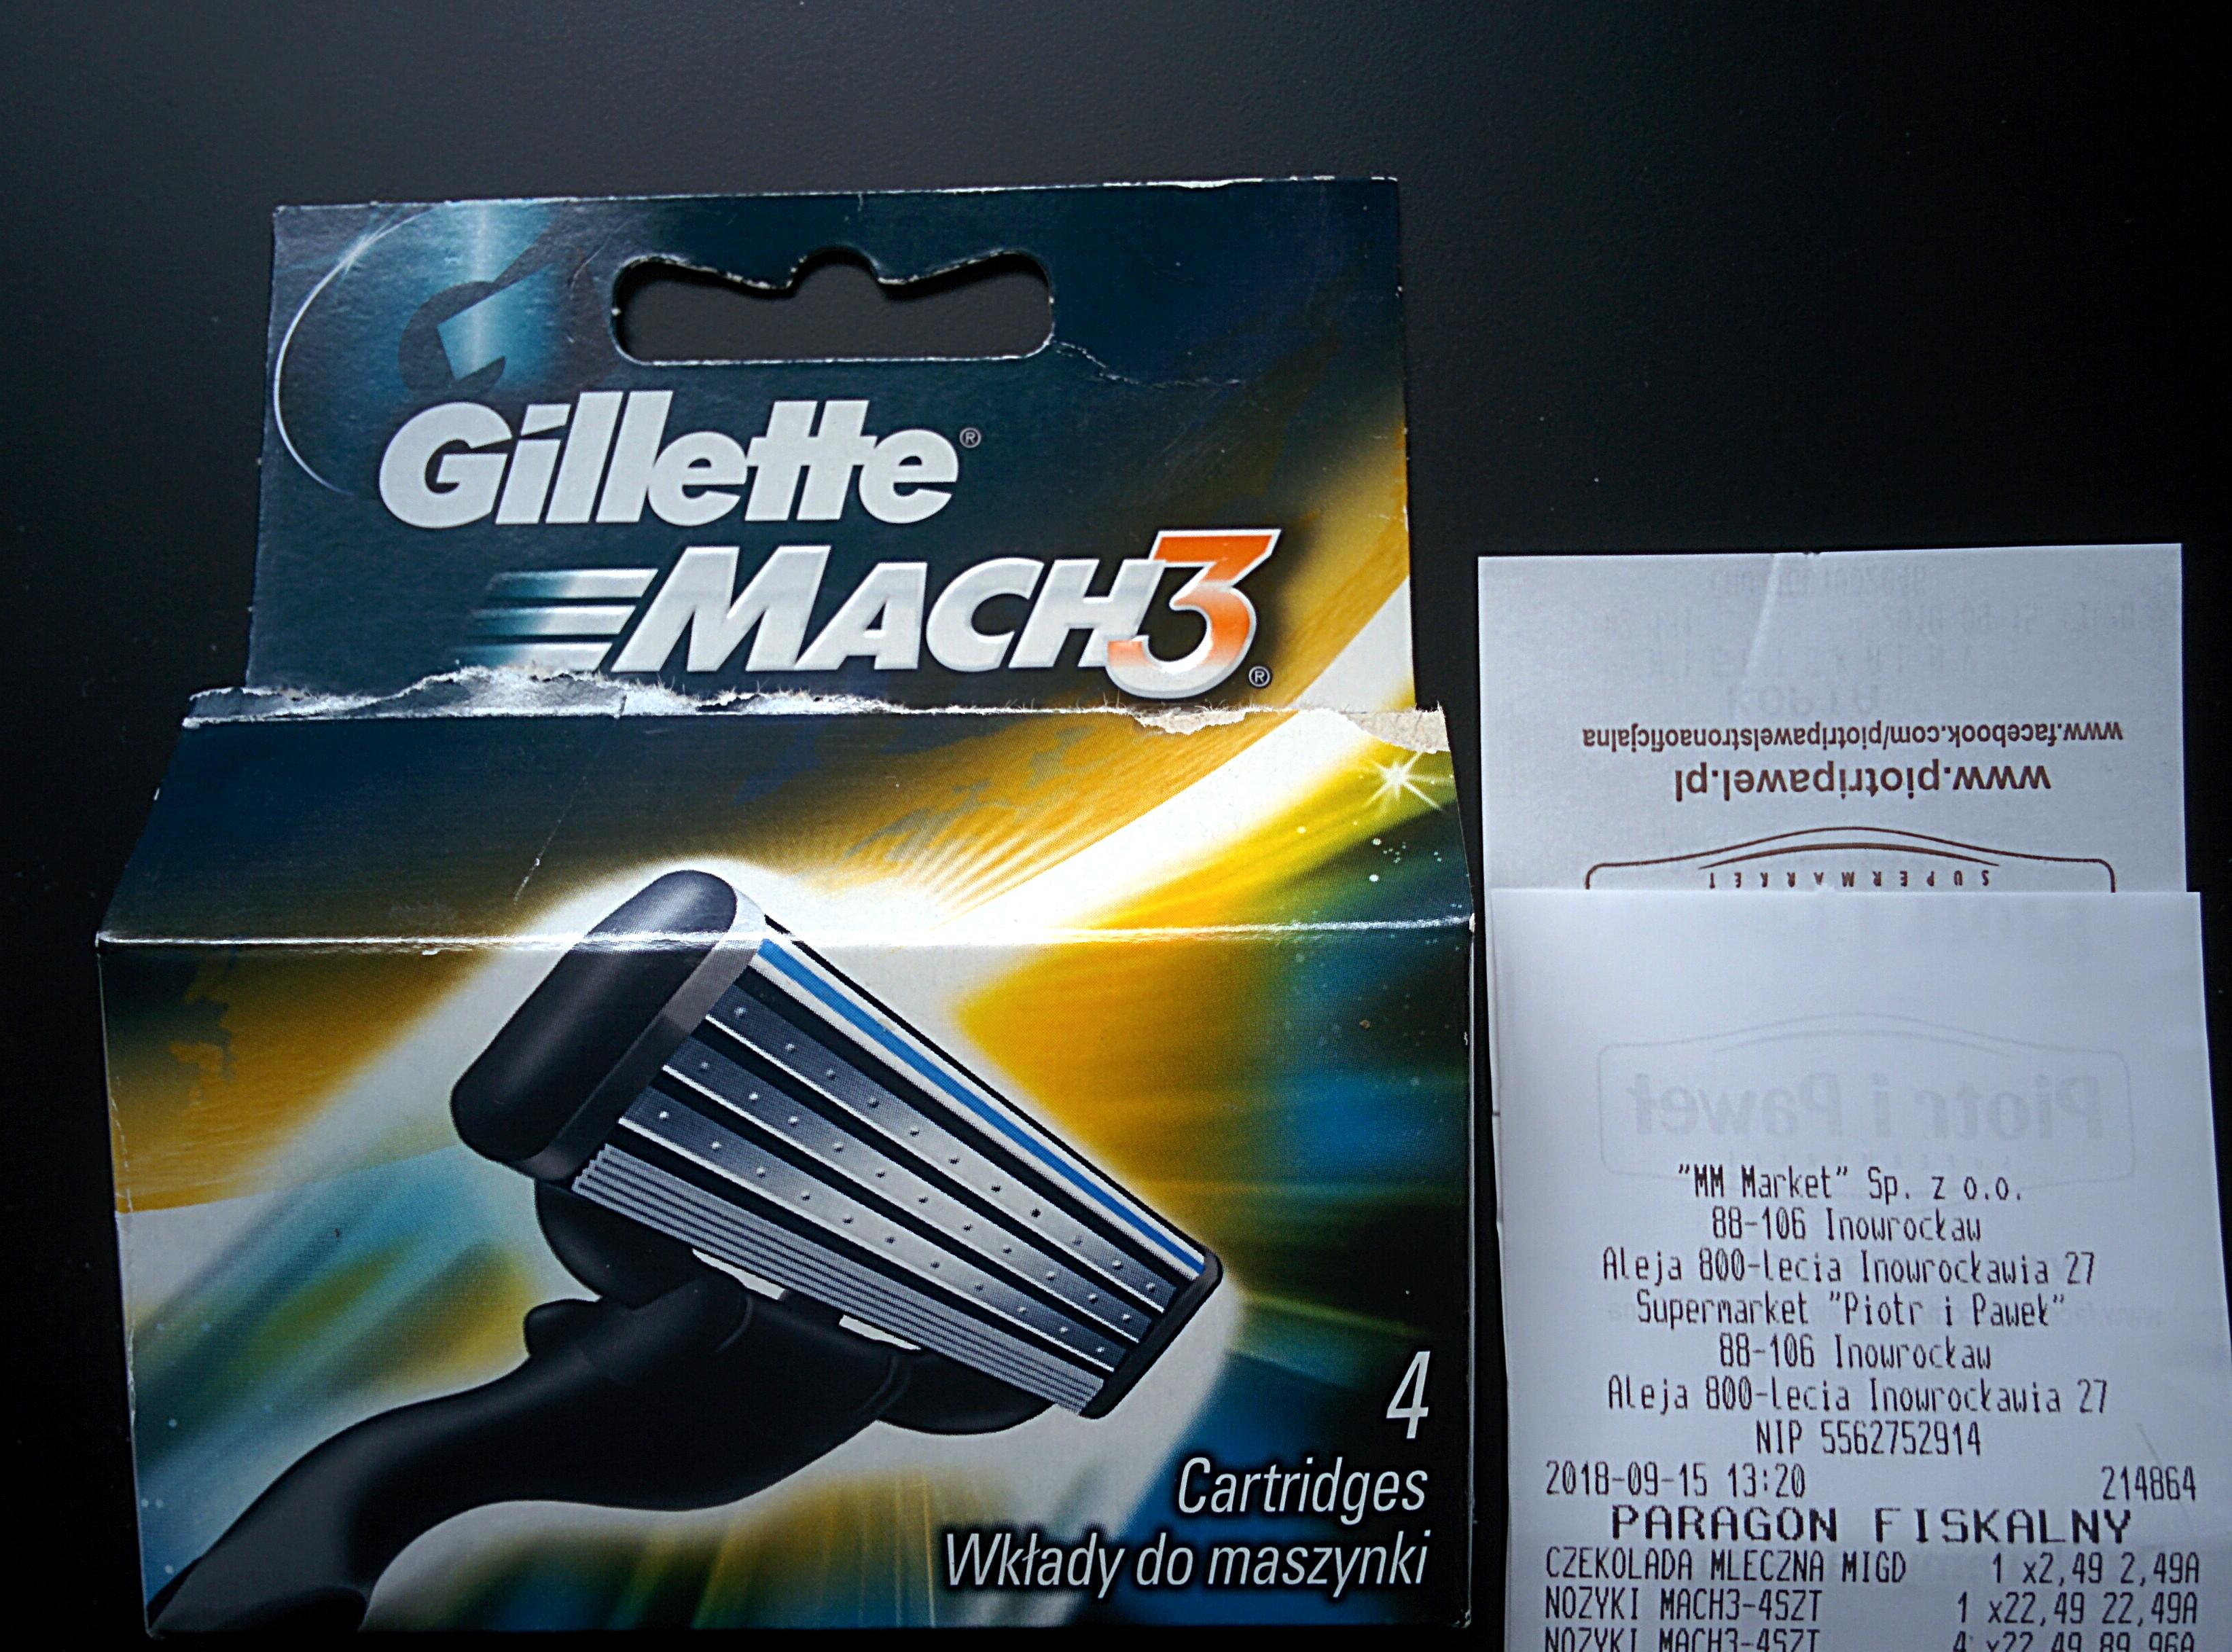 Gillette Mach3 - 4 wkłady Piotr i Paweł